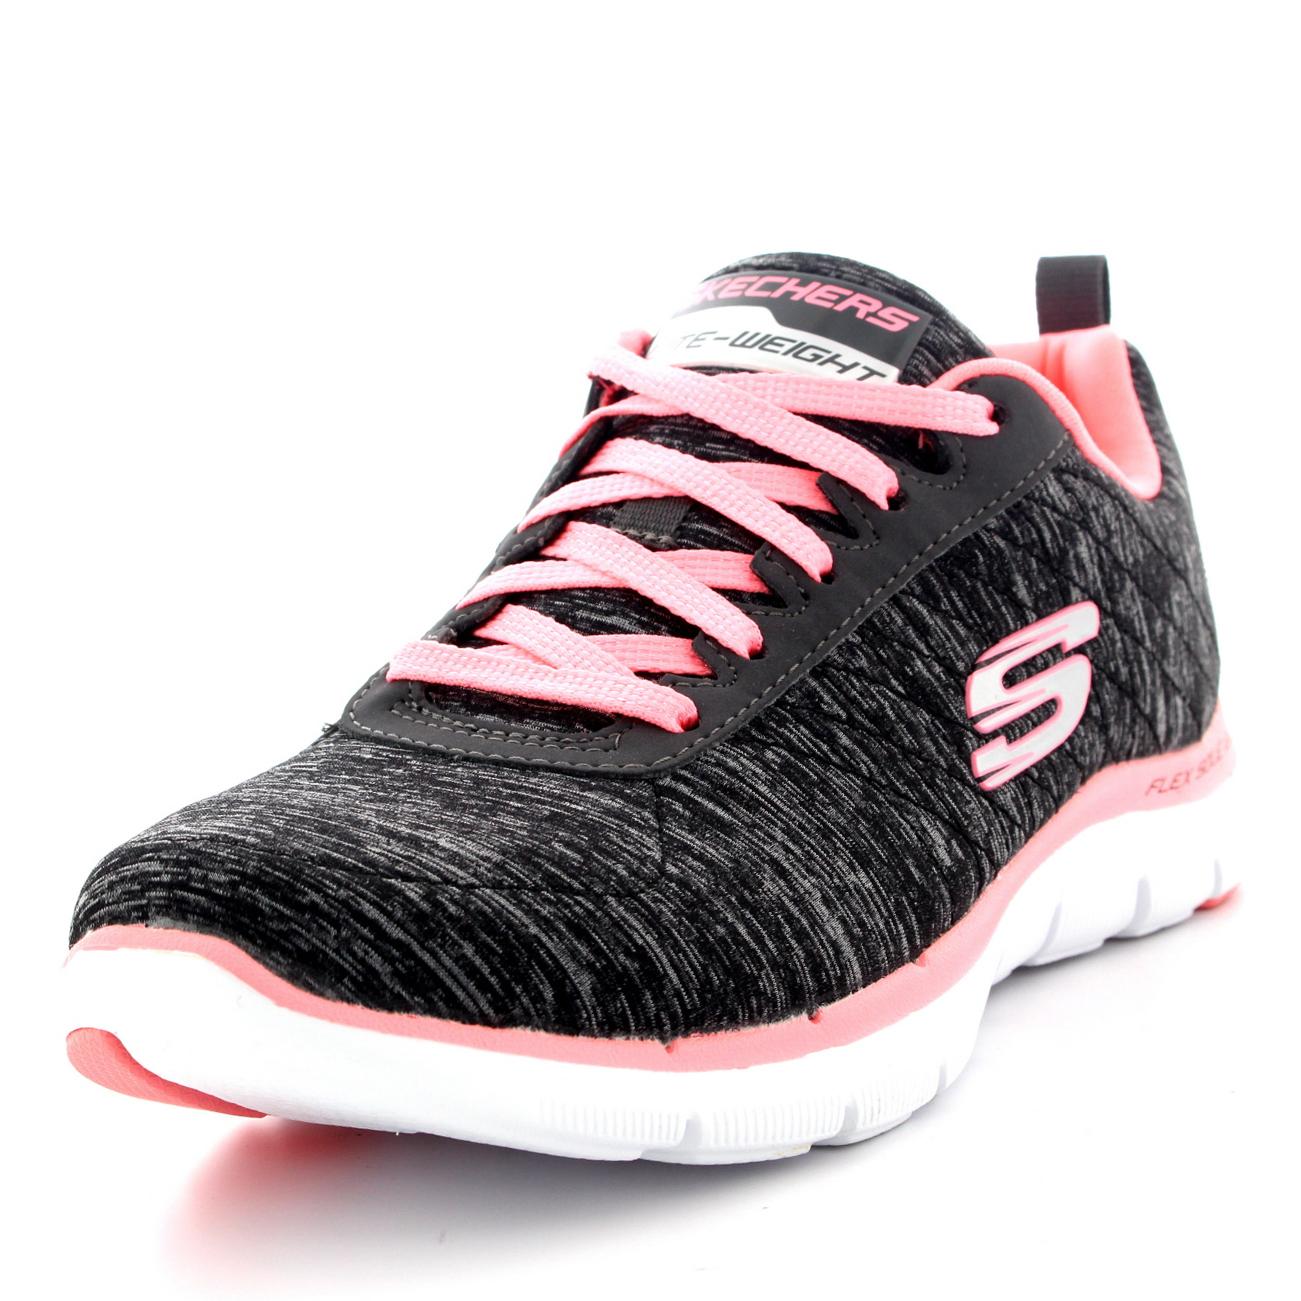 ed949560d22f0 Womens Skechers Flex Appeal 2.0 Walking Gym Memory Foam Running ...